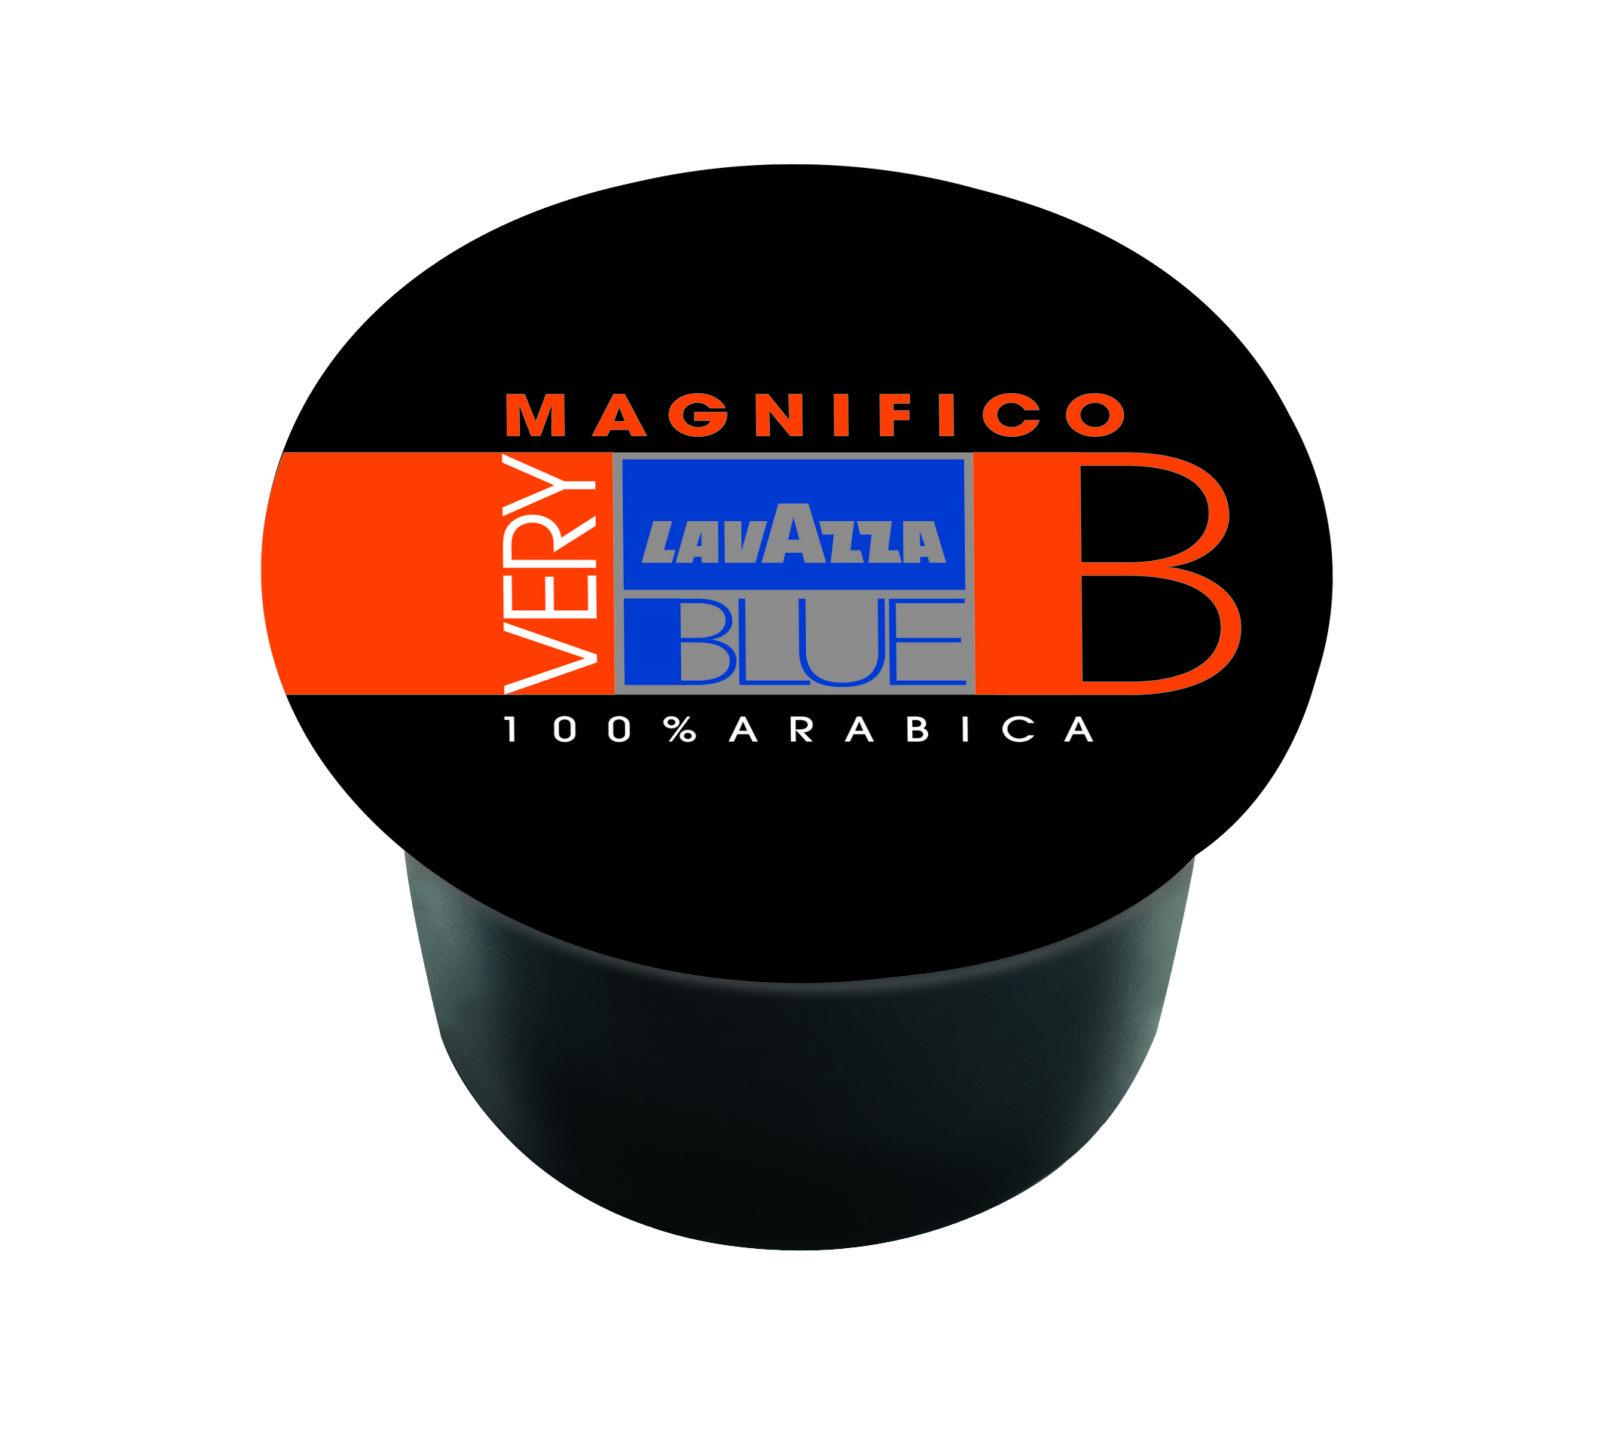 Кофе натуральный в капсулах «Very B Magnifico» LB 9г (код 886)